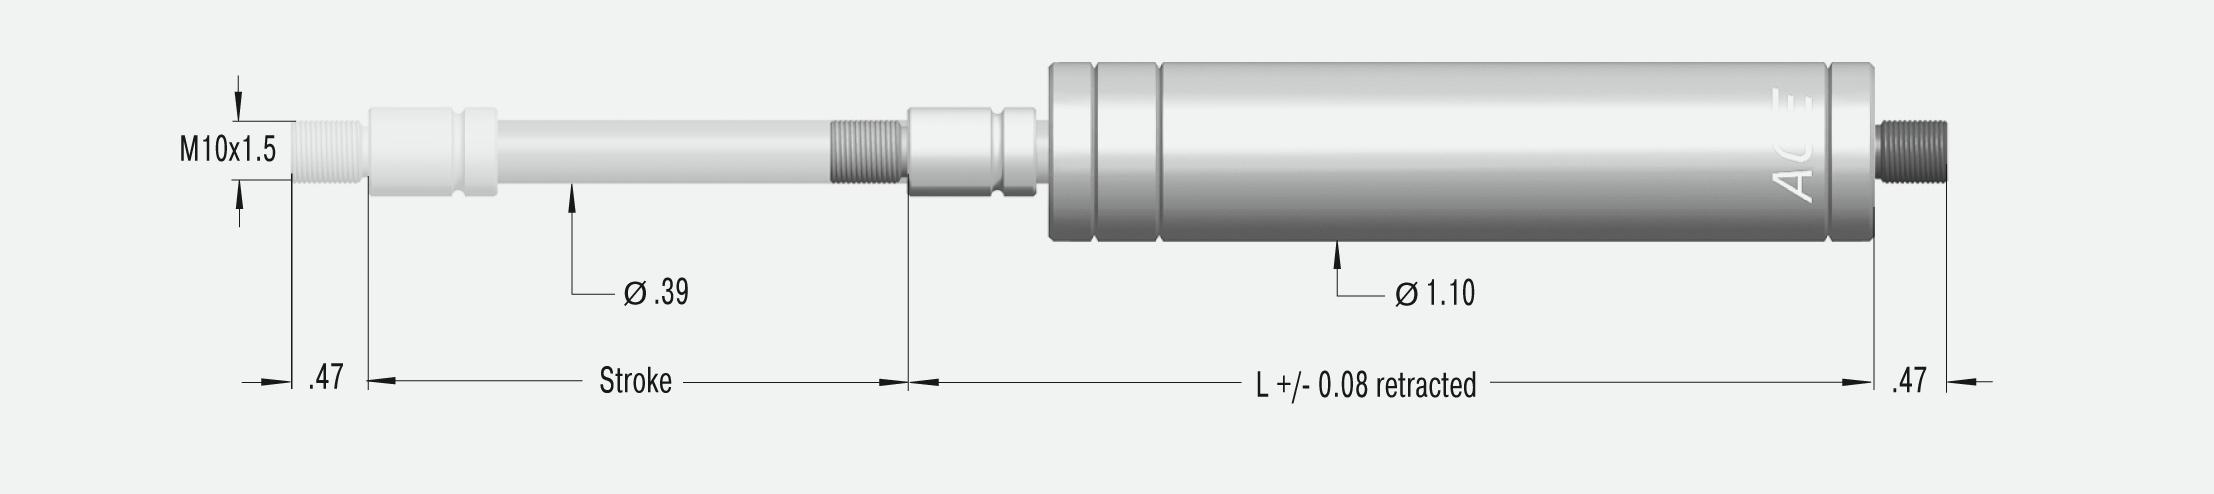 GZ-28-150-V4A